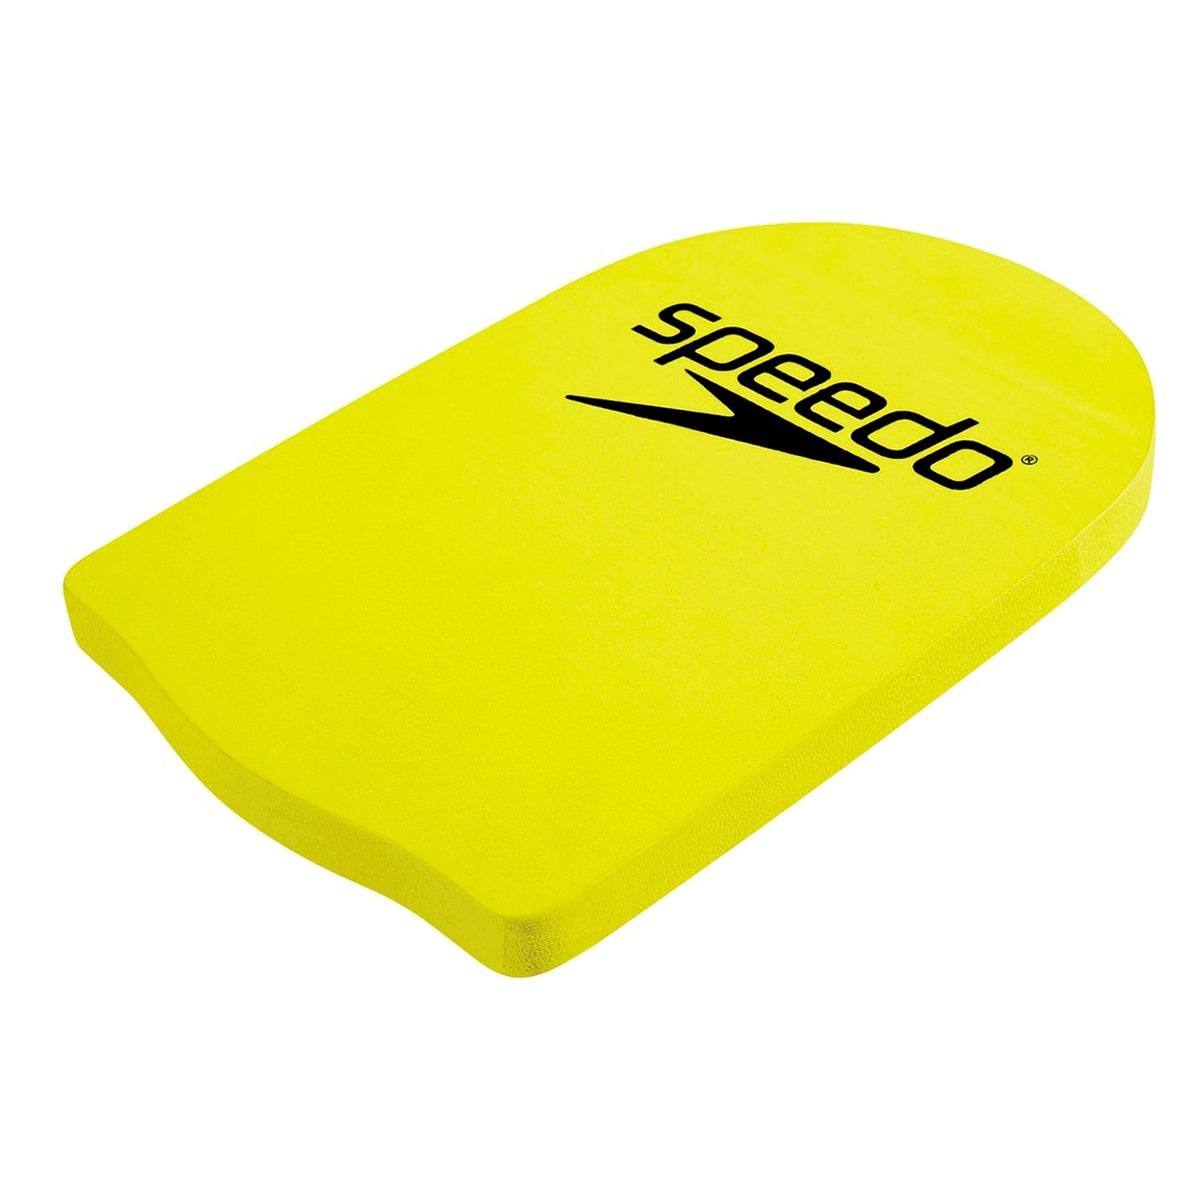 Prancha Natação Speedo Jet Board Amarelo